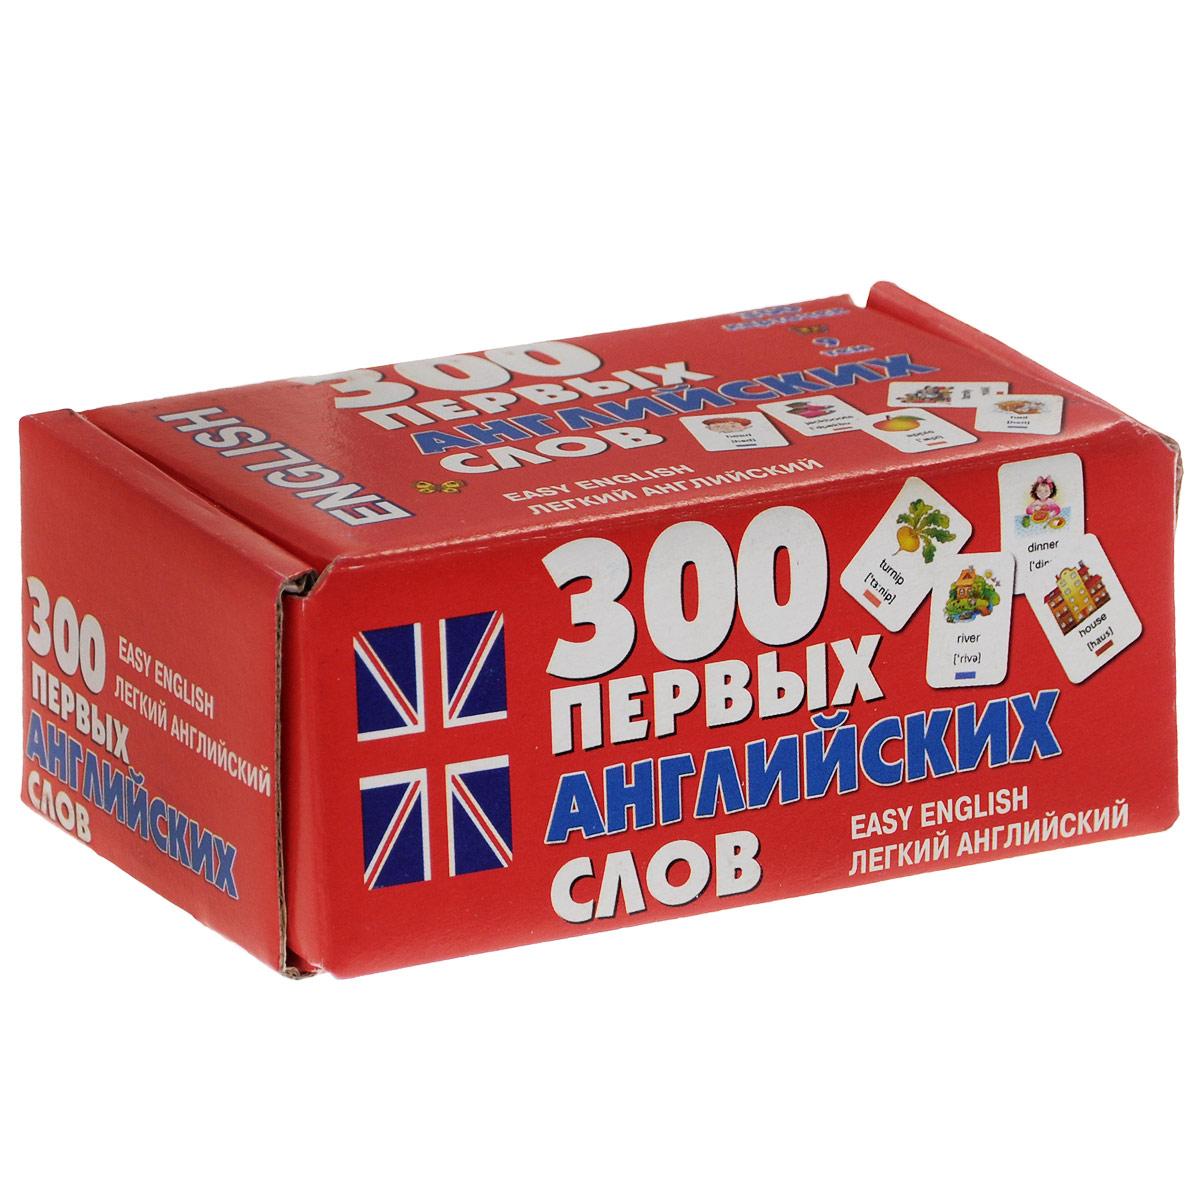 300 первых английских слов (набор из 300 карточек) наборы карточек шпаргалки для мамы набор карточек детские розыгрыши